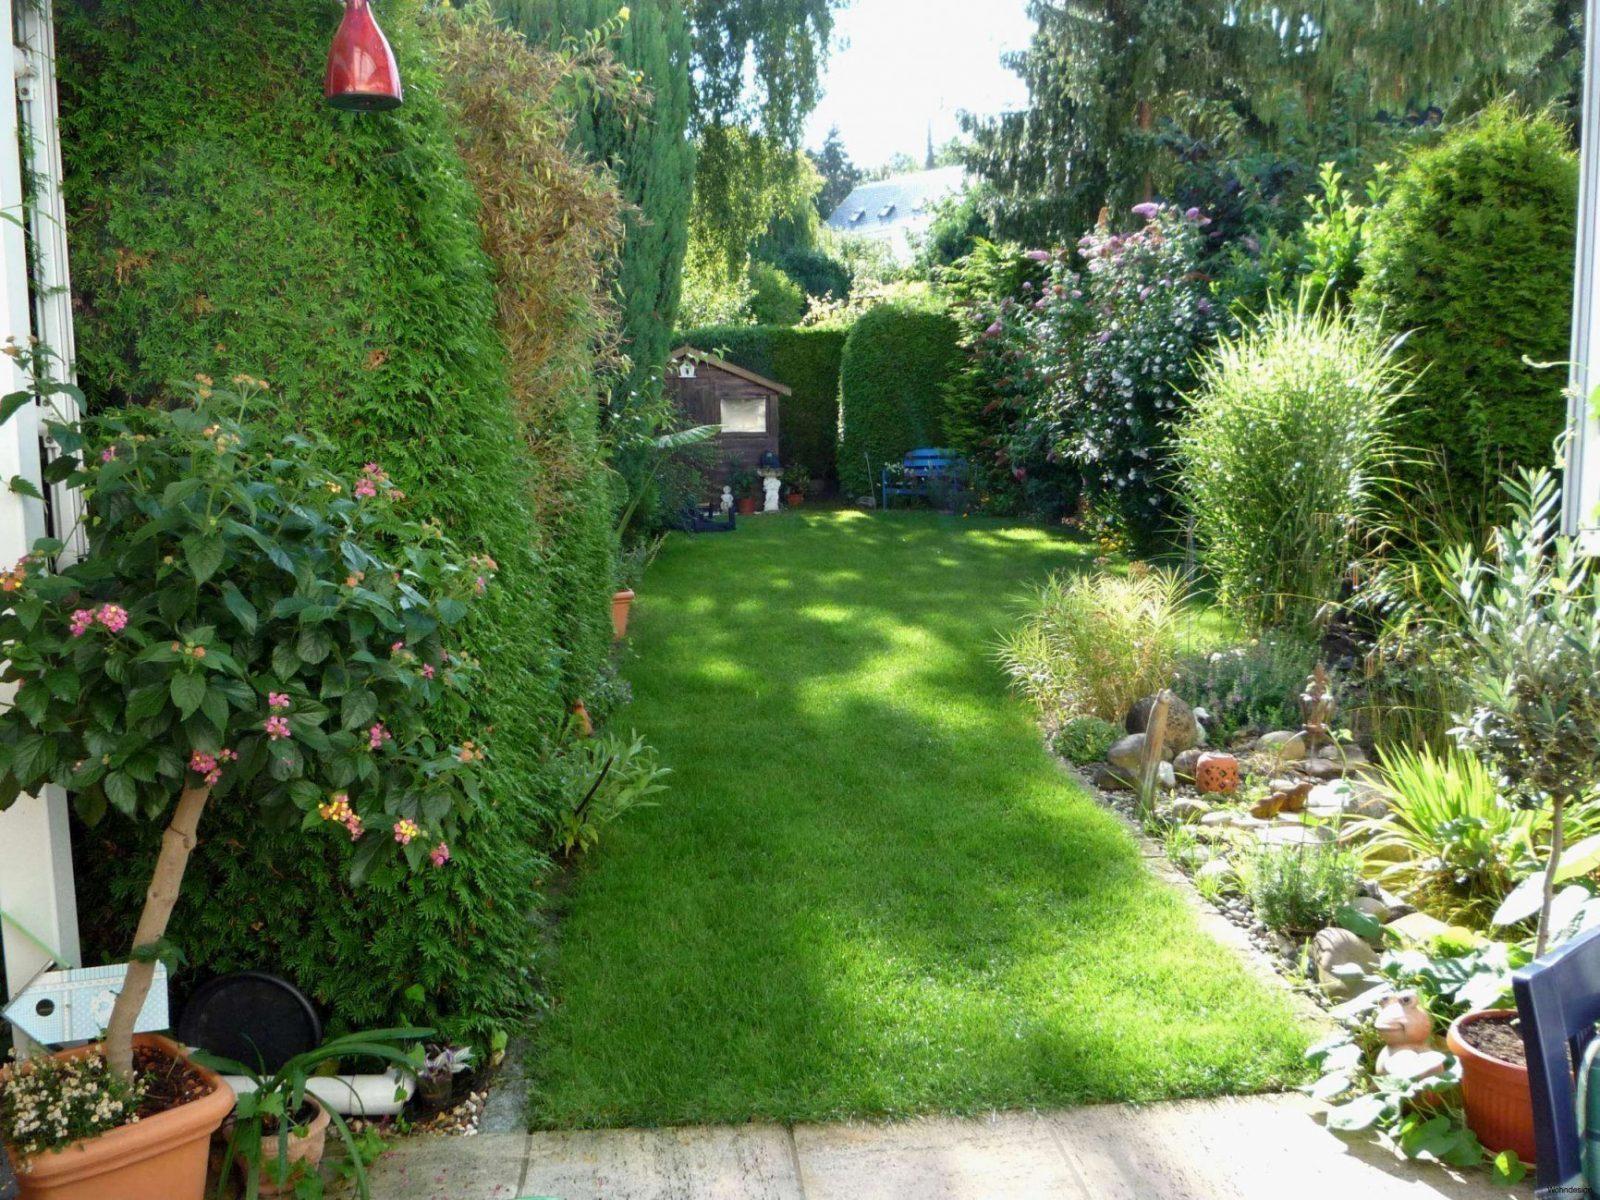 34 Inspirierend Gartengestaltung Kleine Gärten von Gartengestaltung Kleiner Garten Reihenhaus Bild